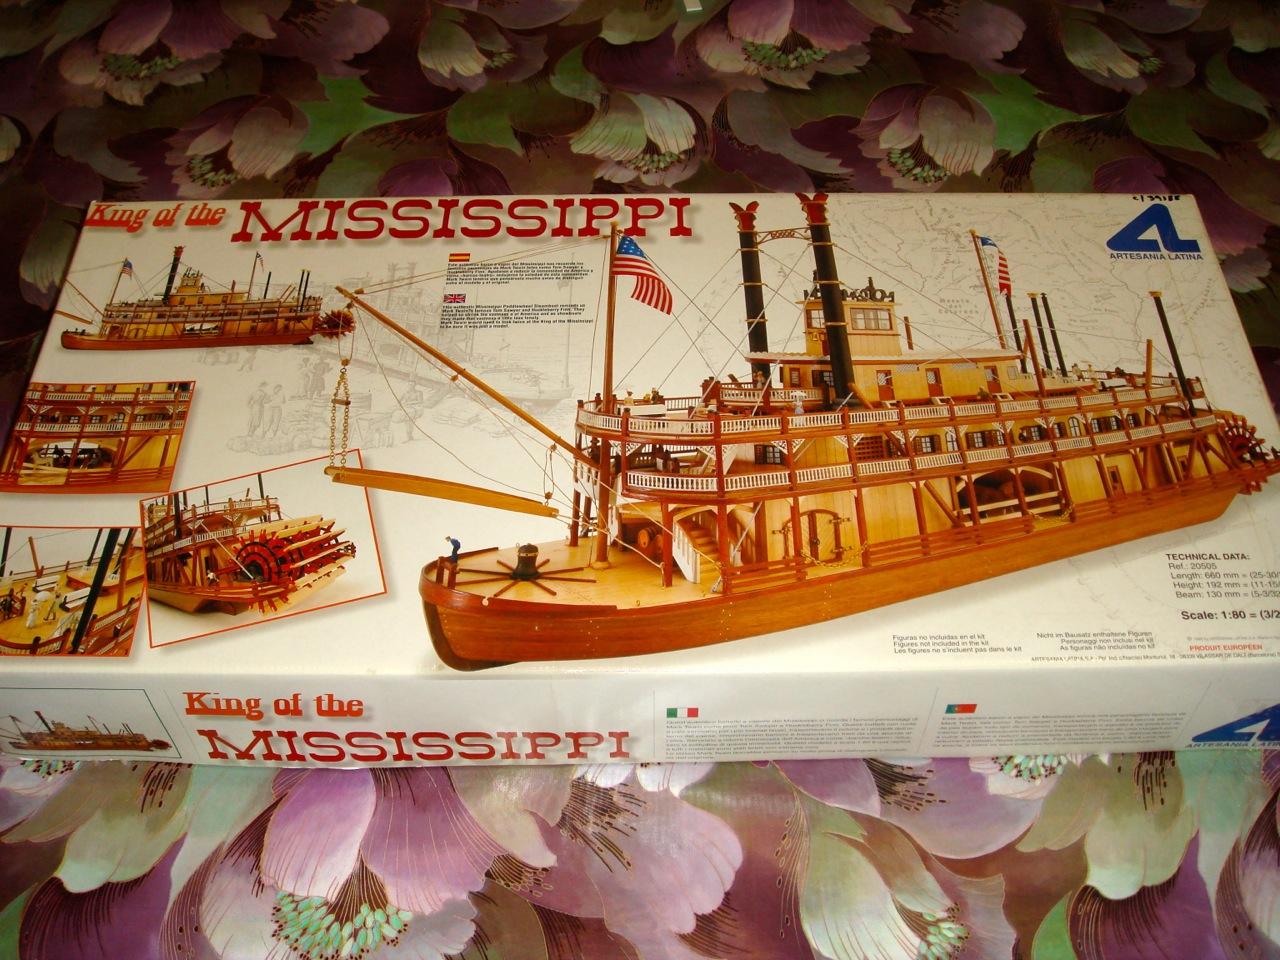 Construcción King of Mississippi I